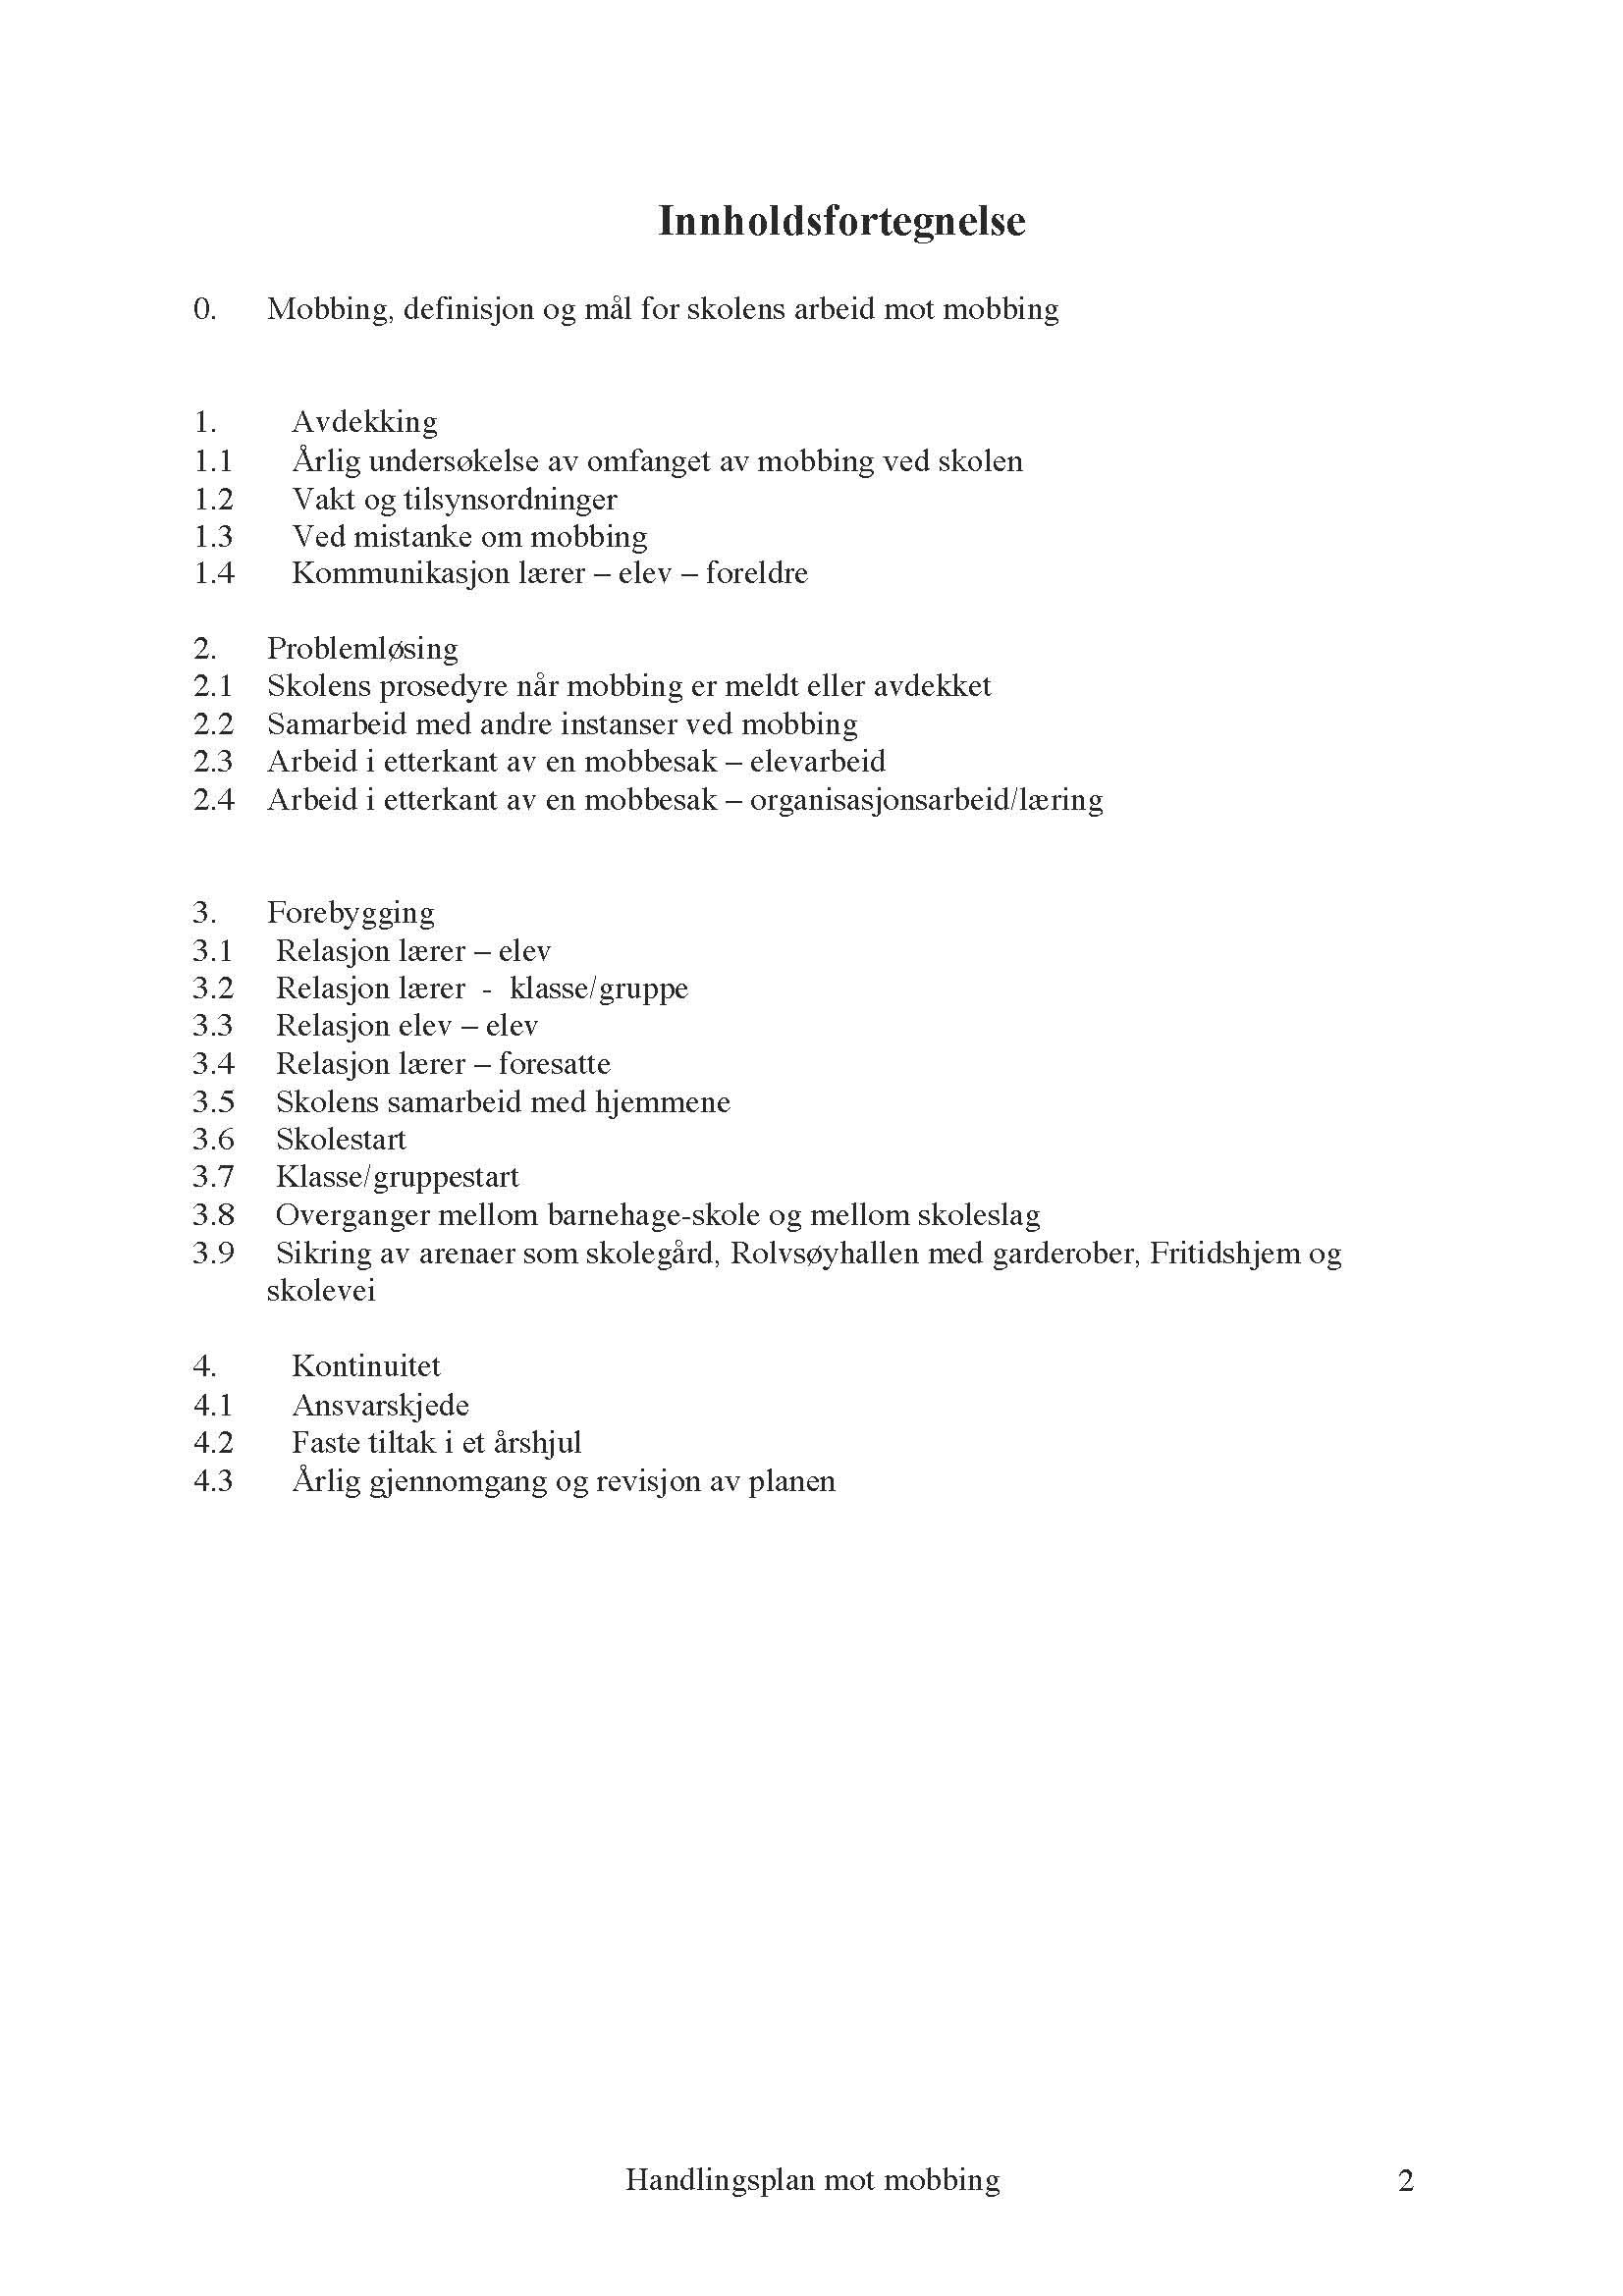 Handlingsplan mot mobbing _Page_02.jpg